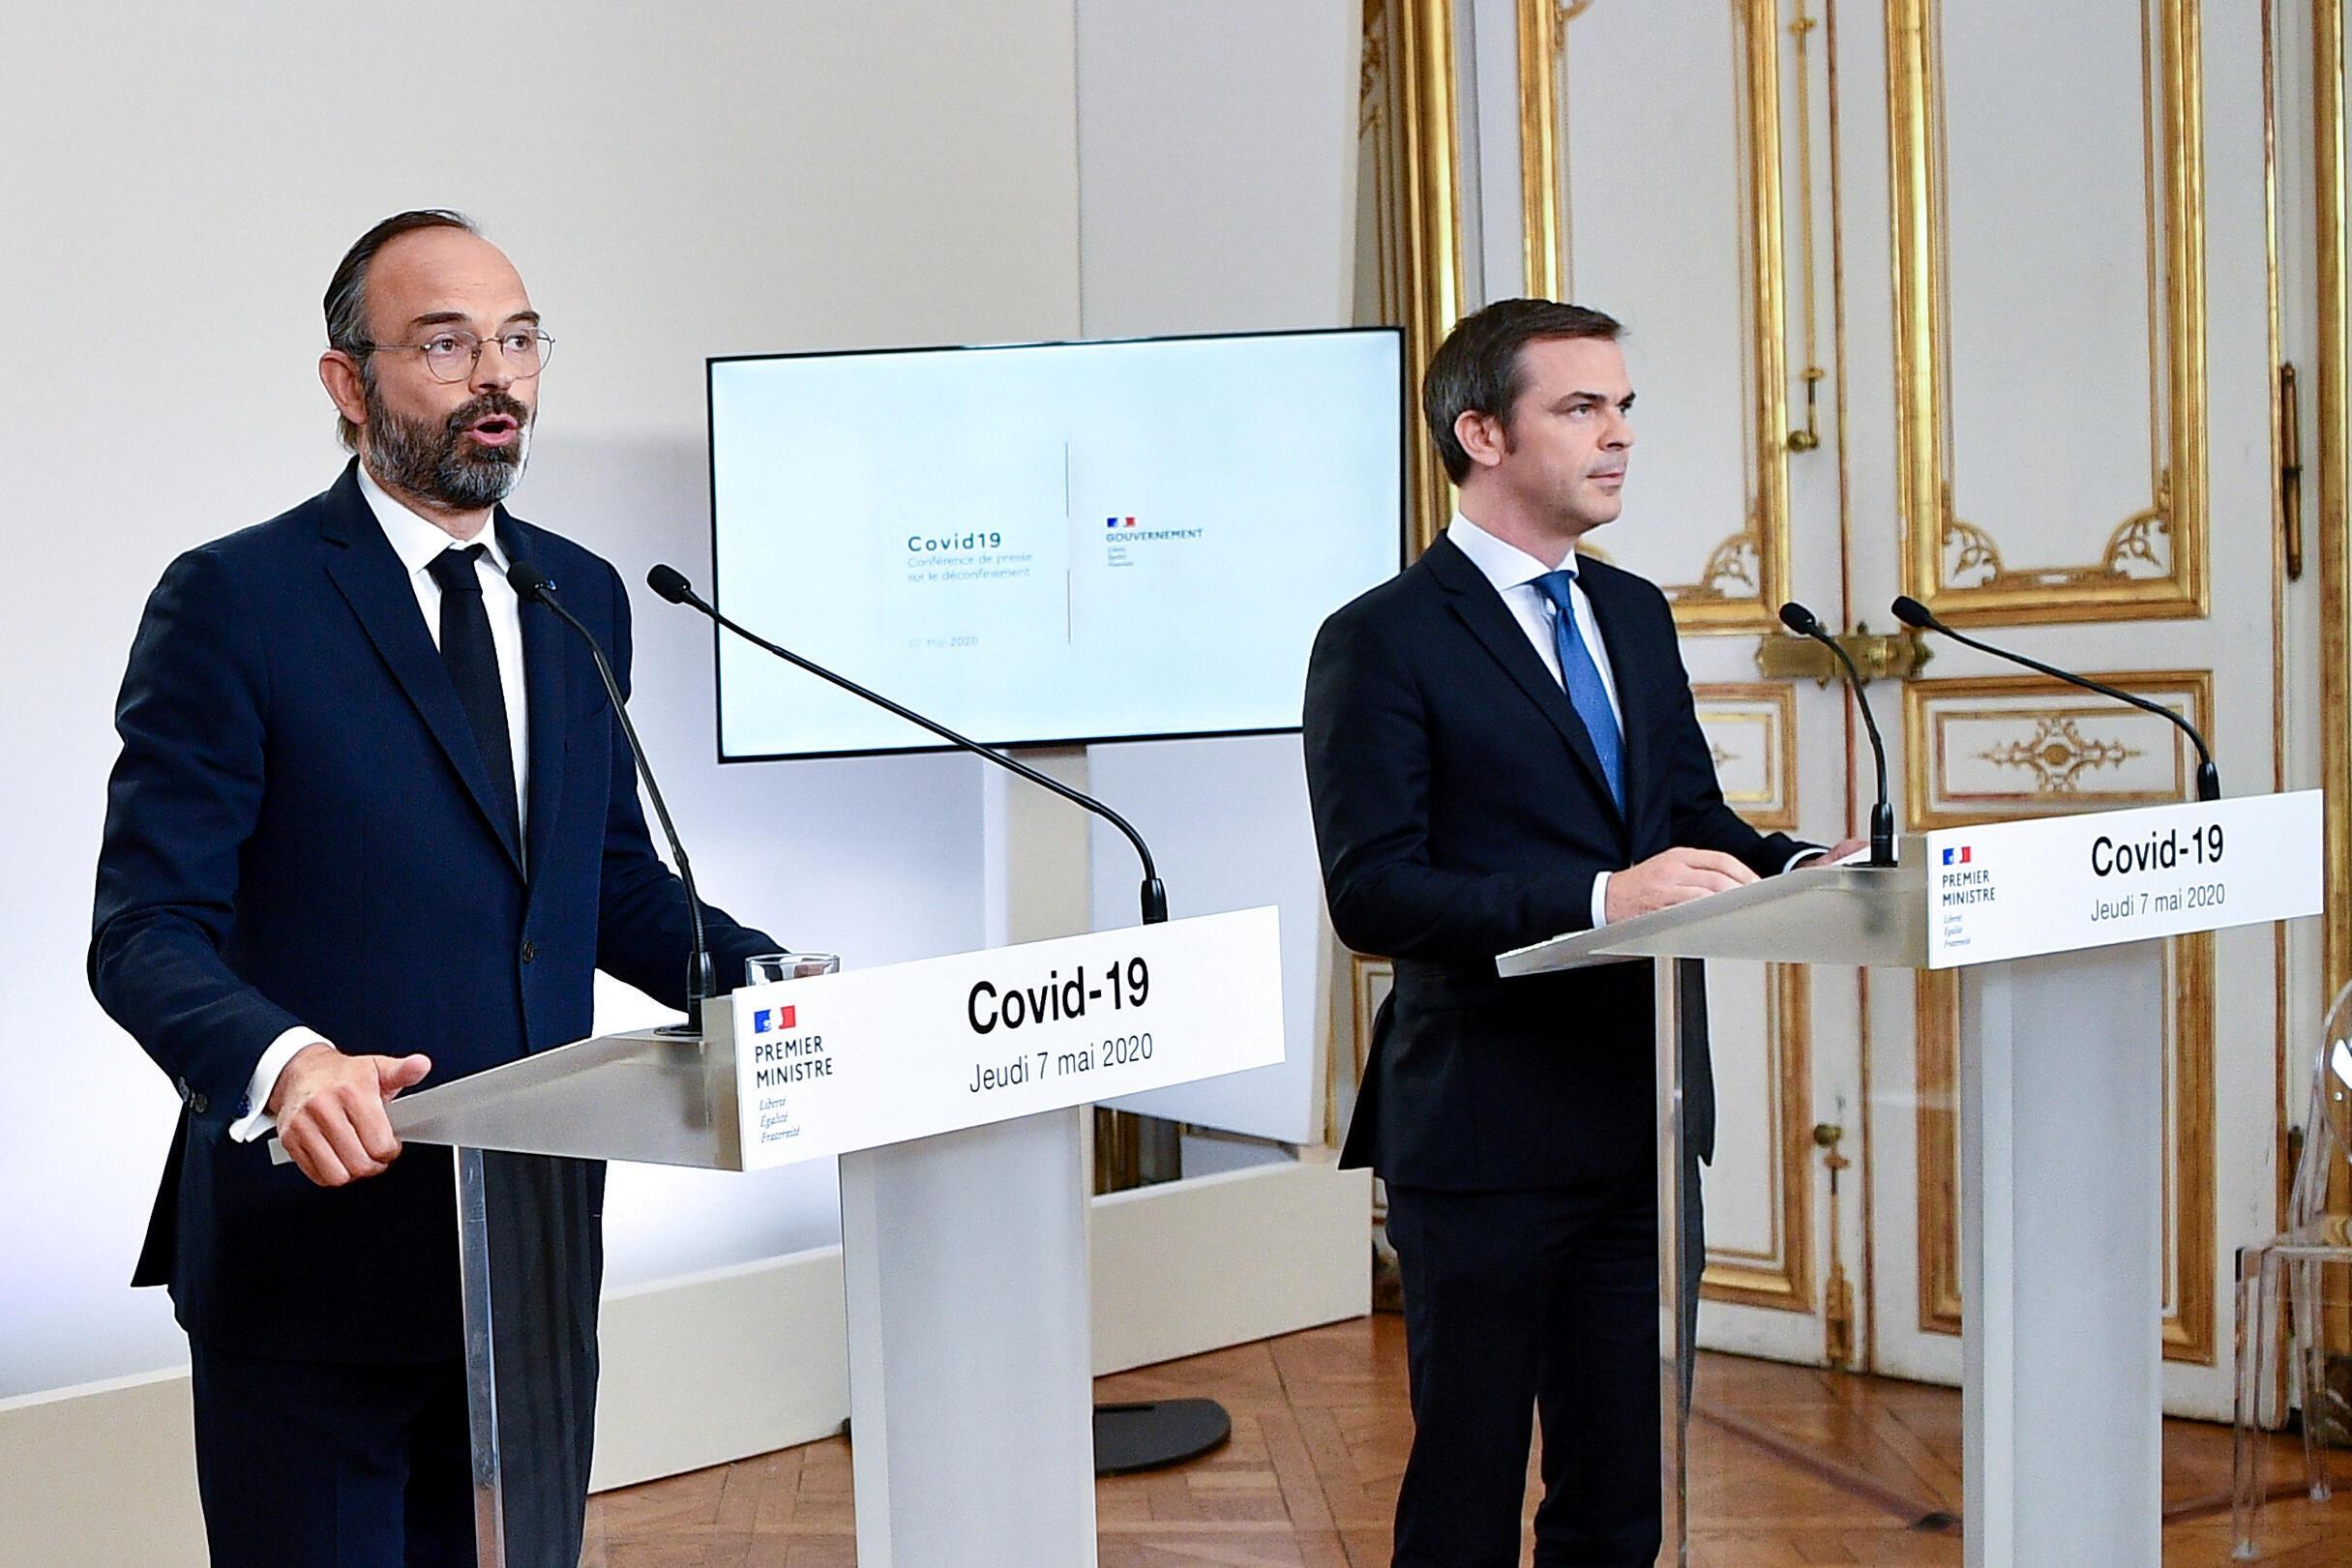 O primeiro-ministro francês, Edouard Philippe (à esquerda), e o ministro da Saúde, Olivier Verán.